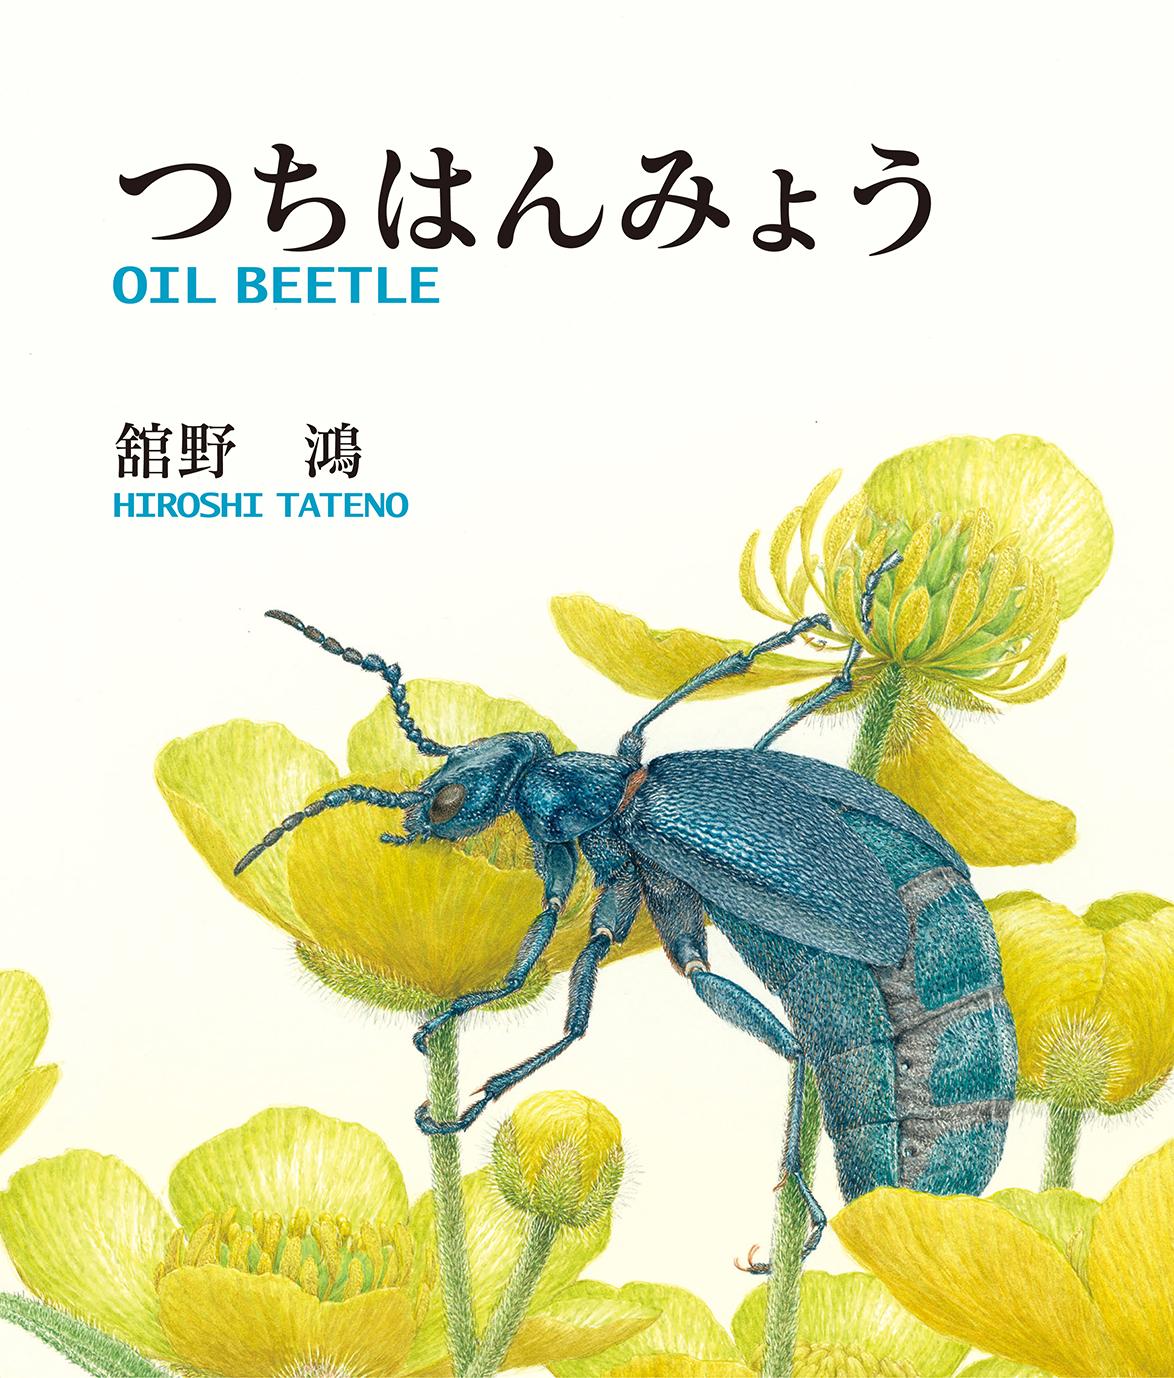 舘野鴻さん『つちはんみょう』が第66回 小学館児童出版文化賞を受賞!